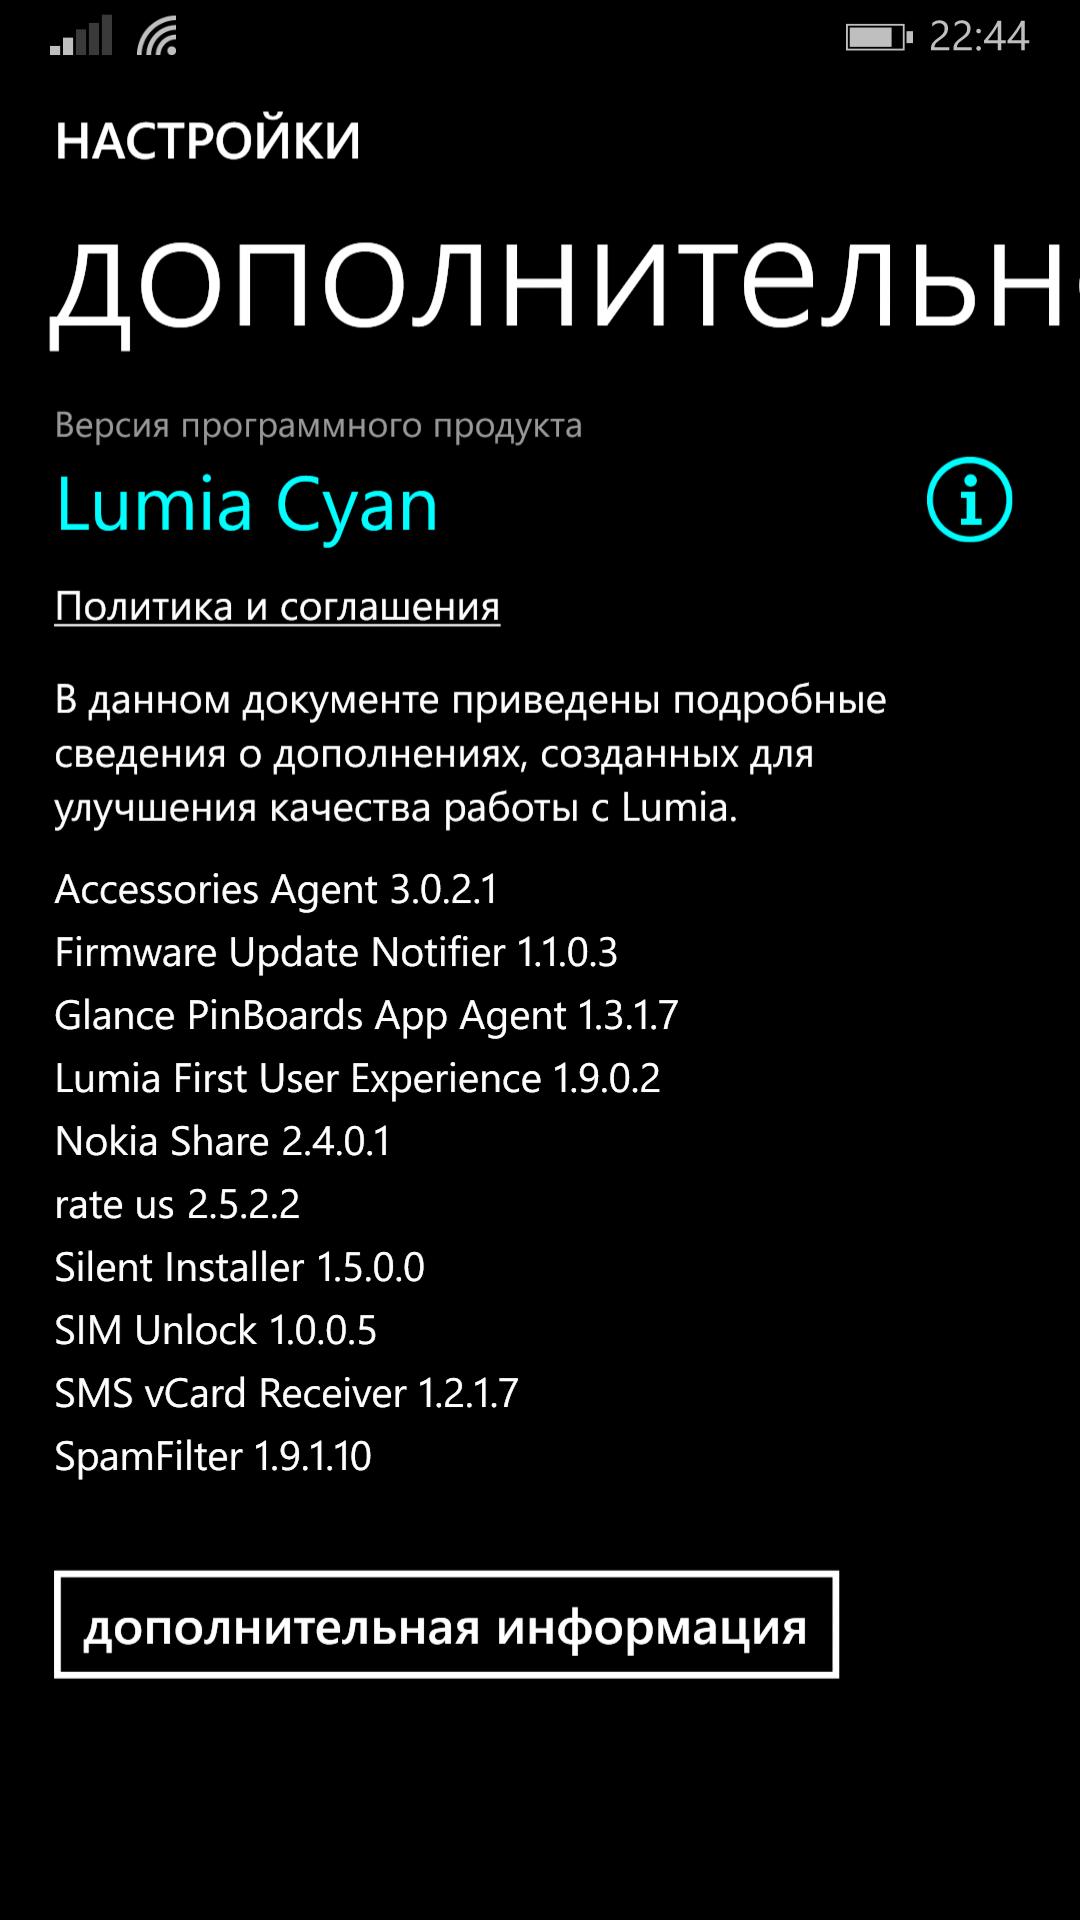 инструкция для подключения nokia lumia 510 на компьютер